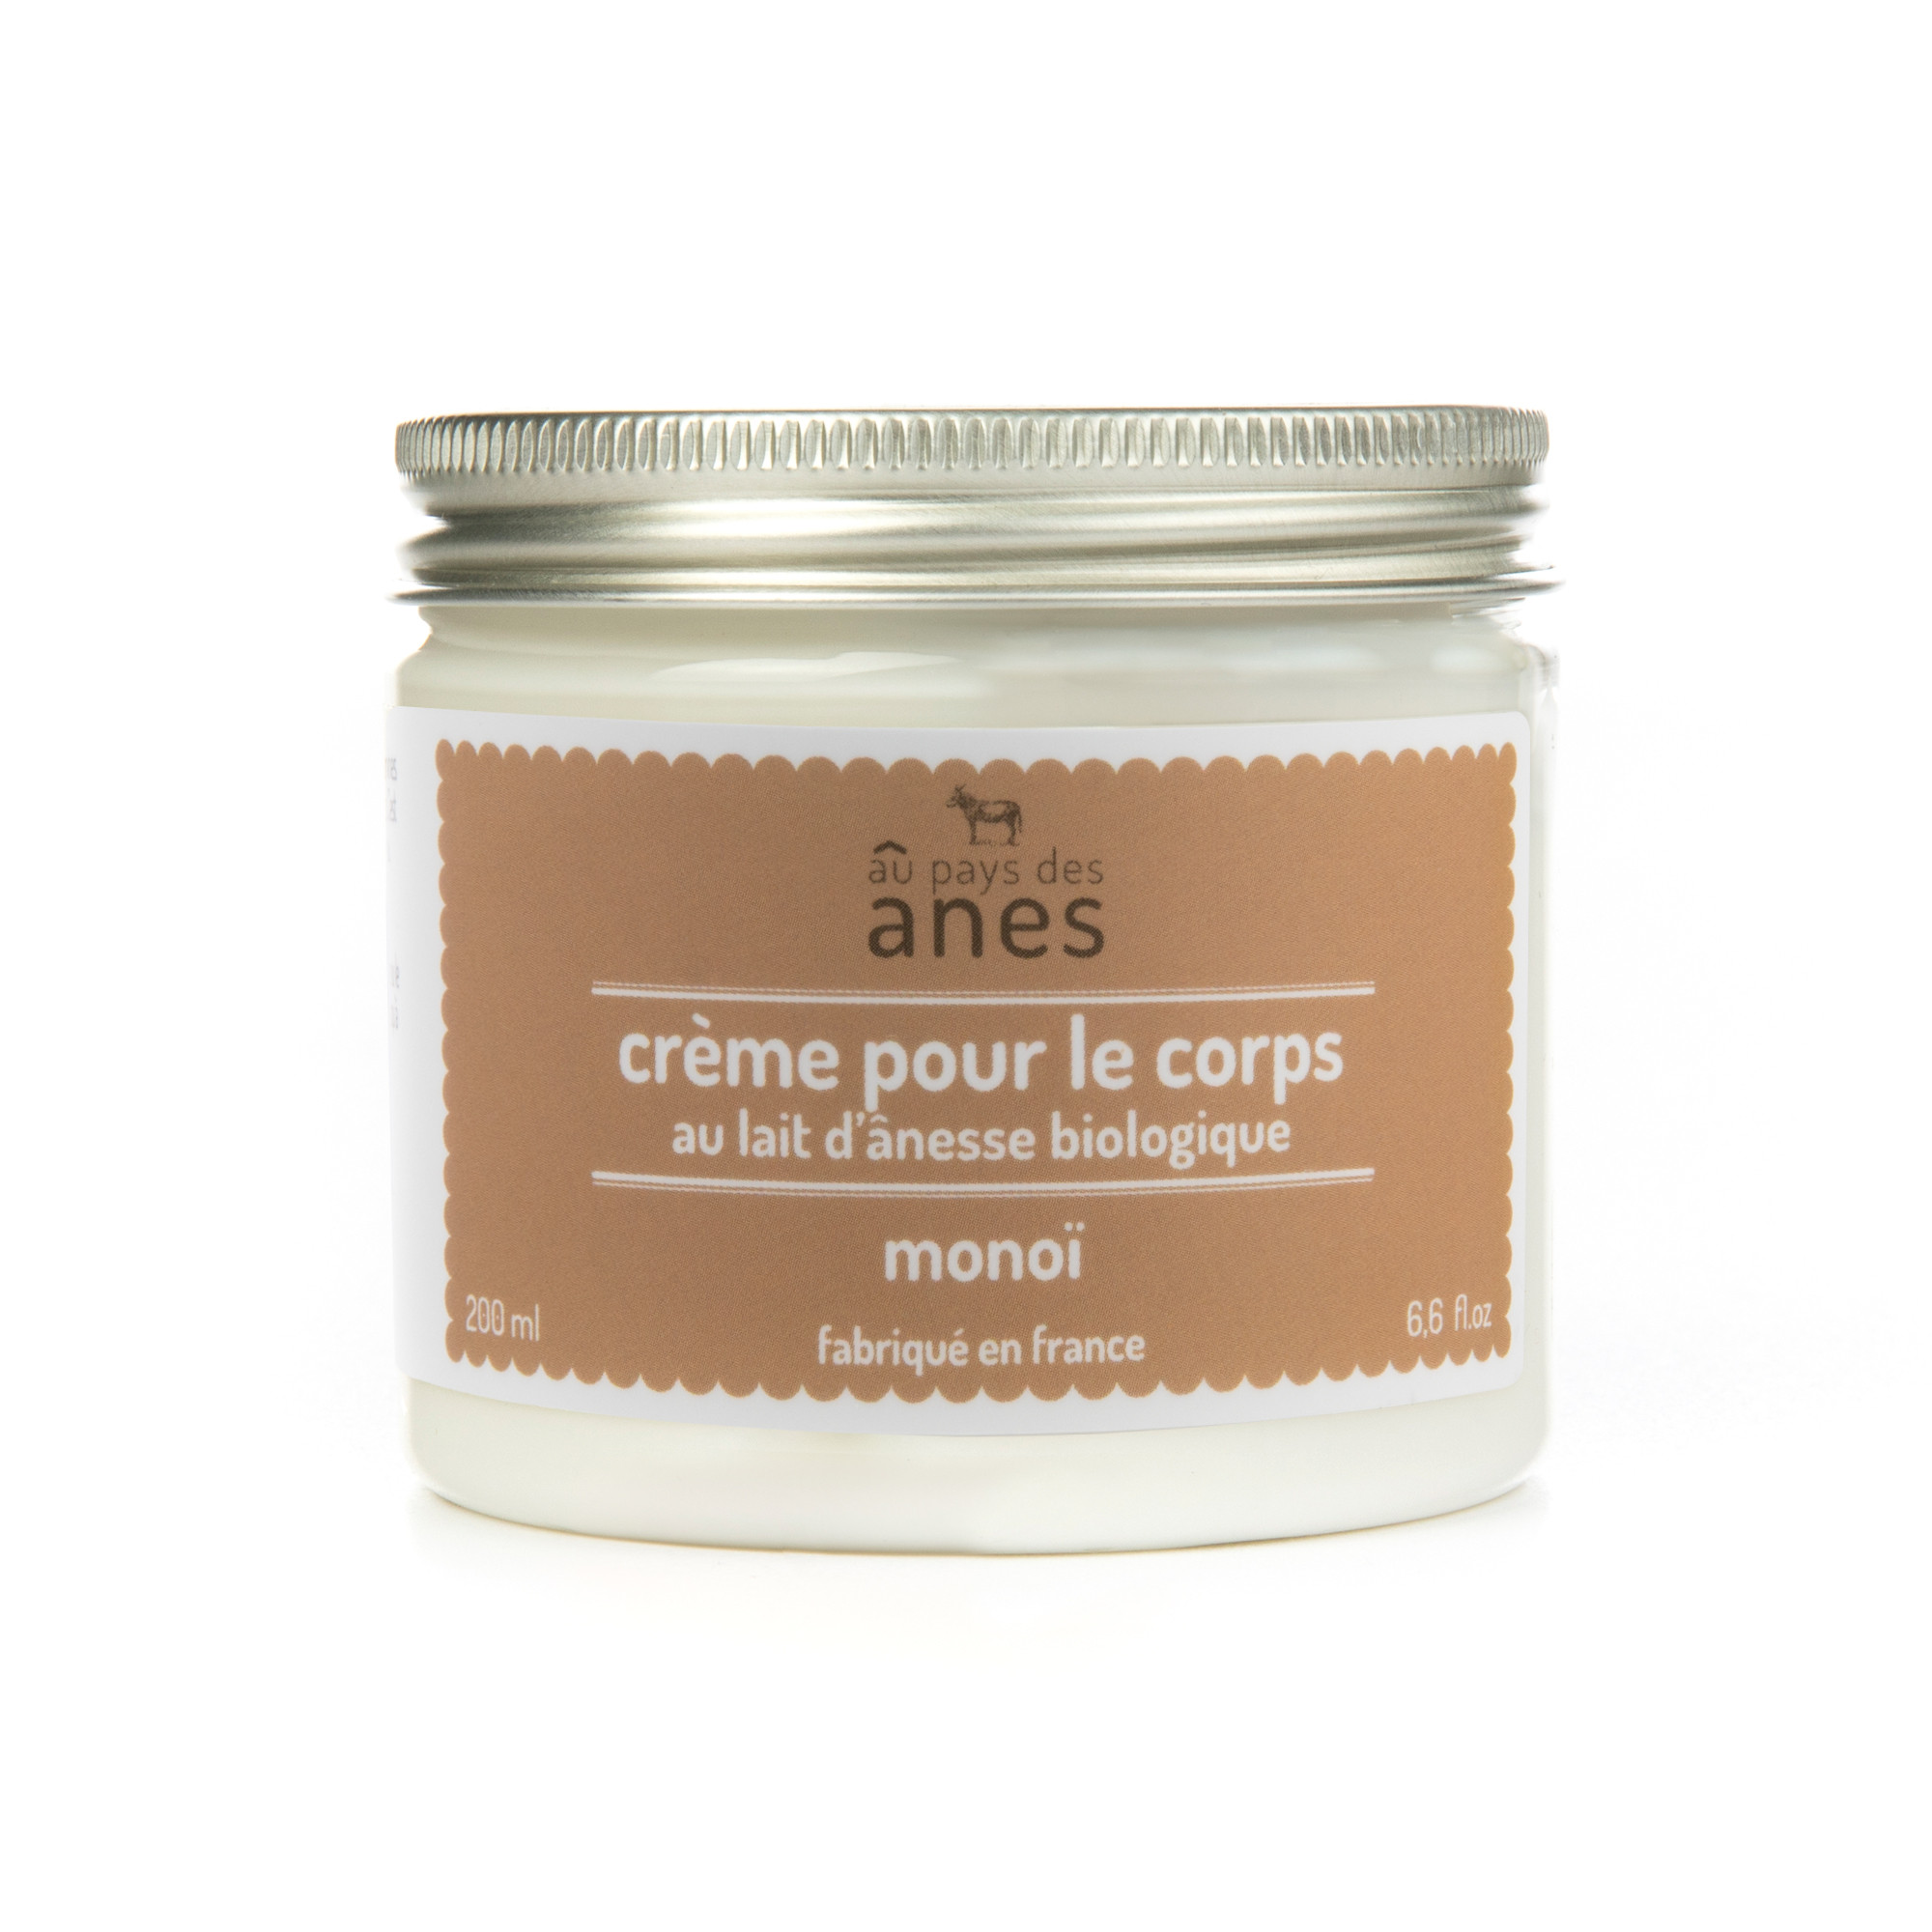 Crème corps au lait d'ânesse biologique Monoï 200 ml